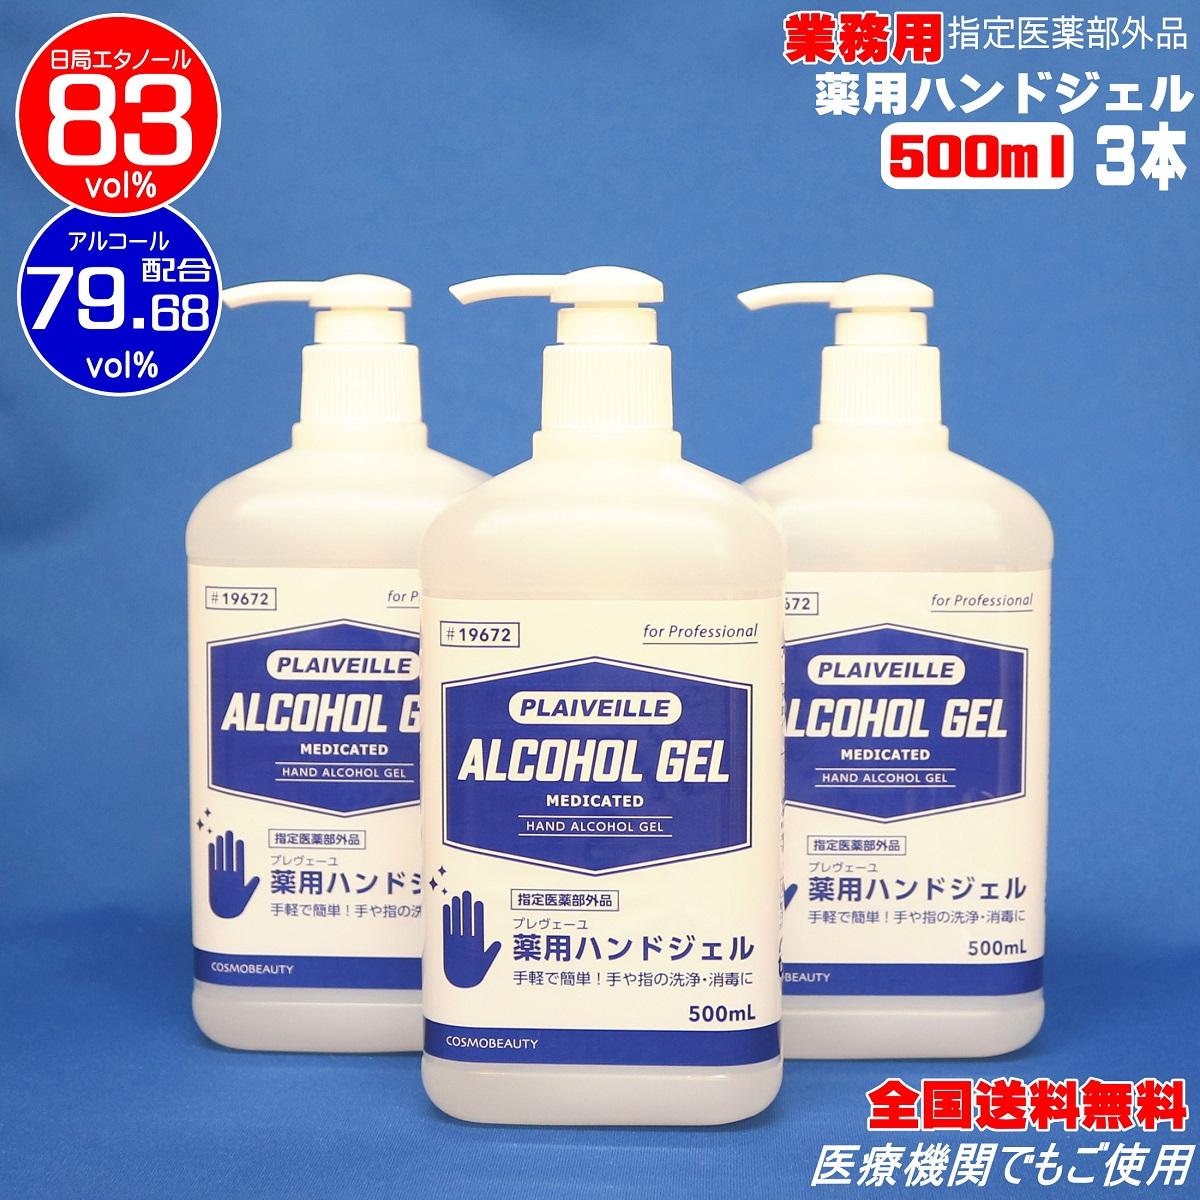 500ml アルコール ジェル